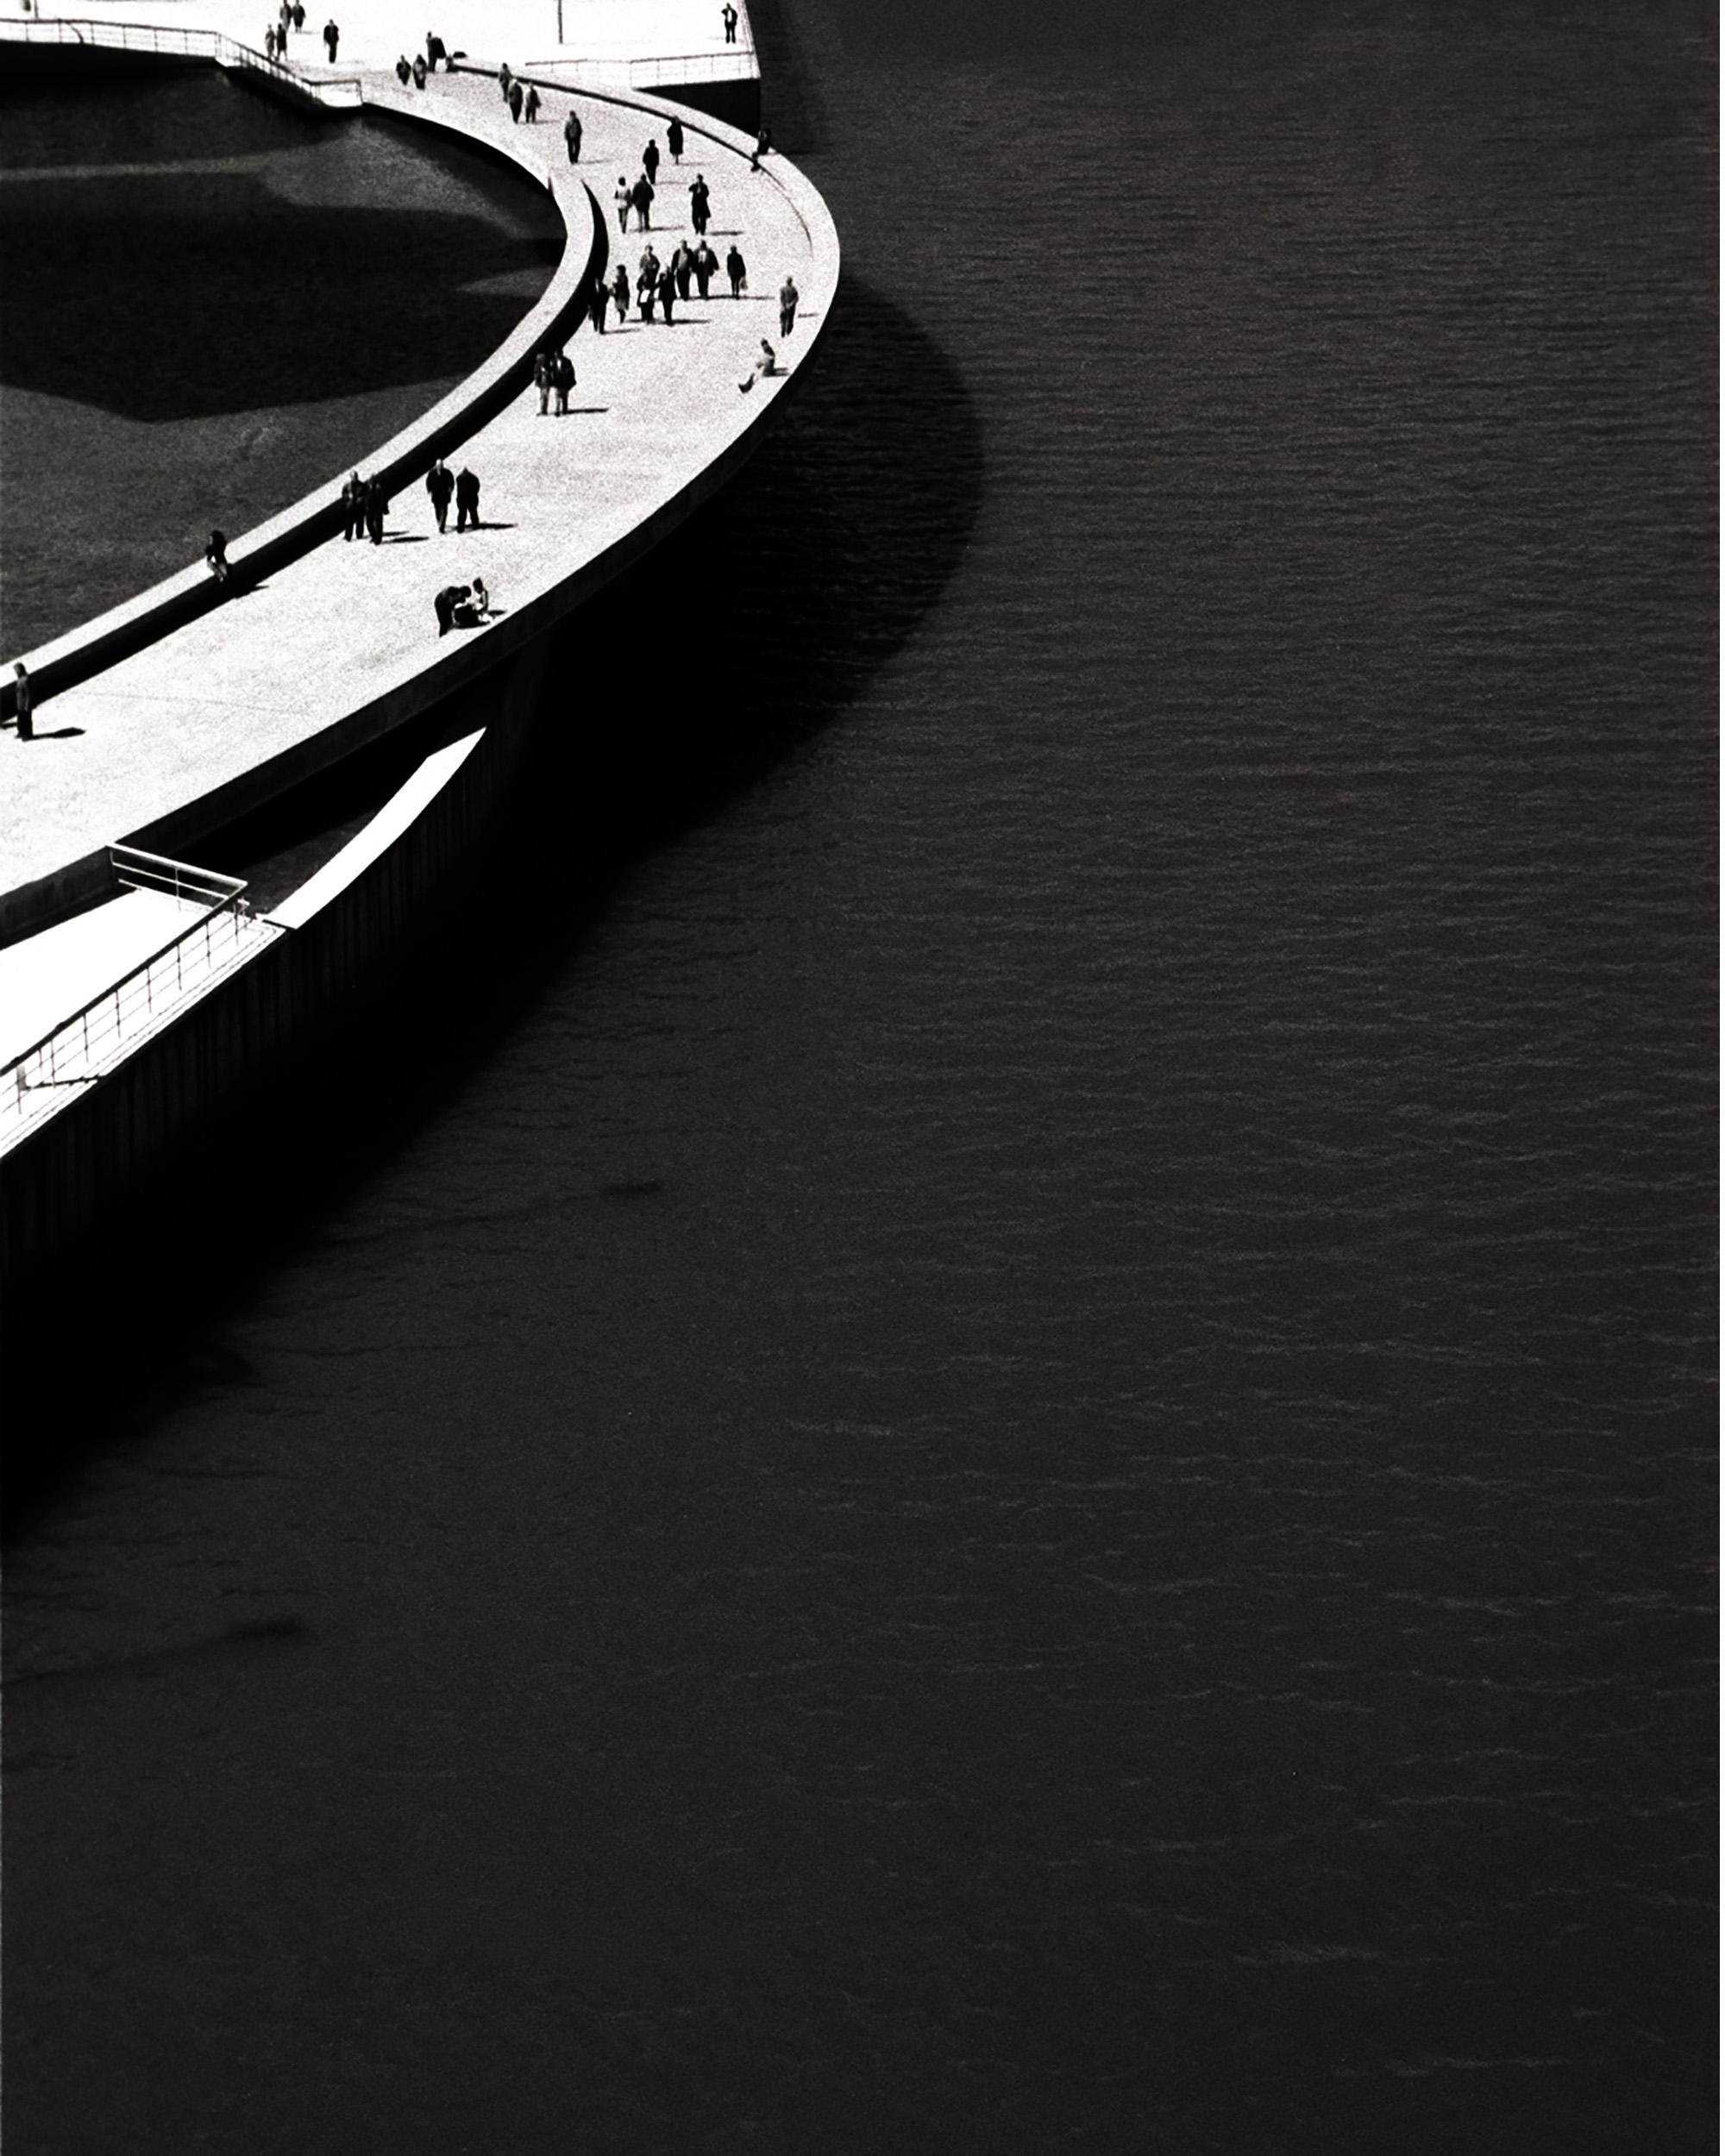 Untitled-9R.jpg